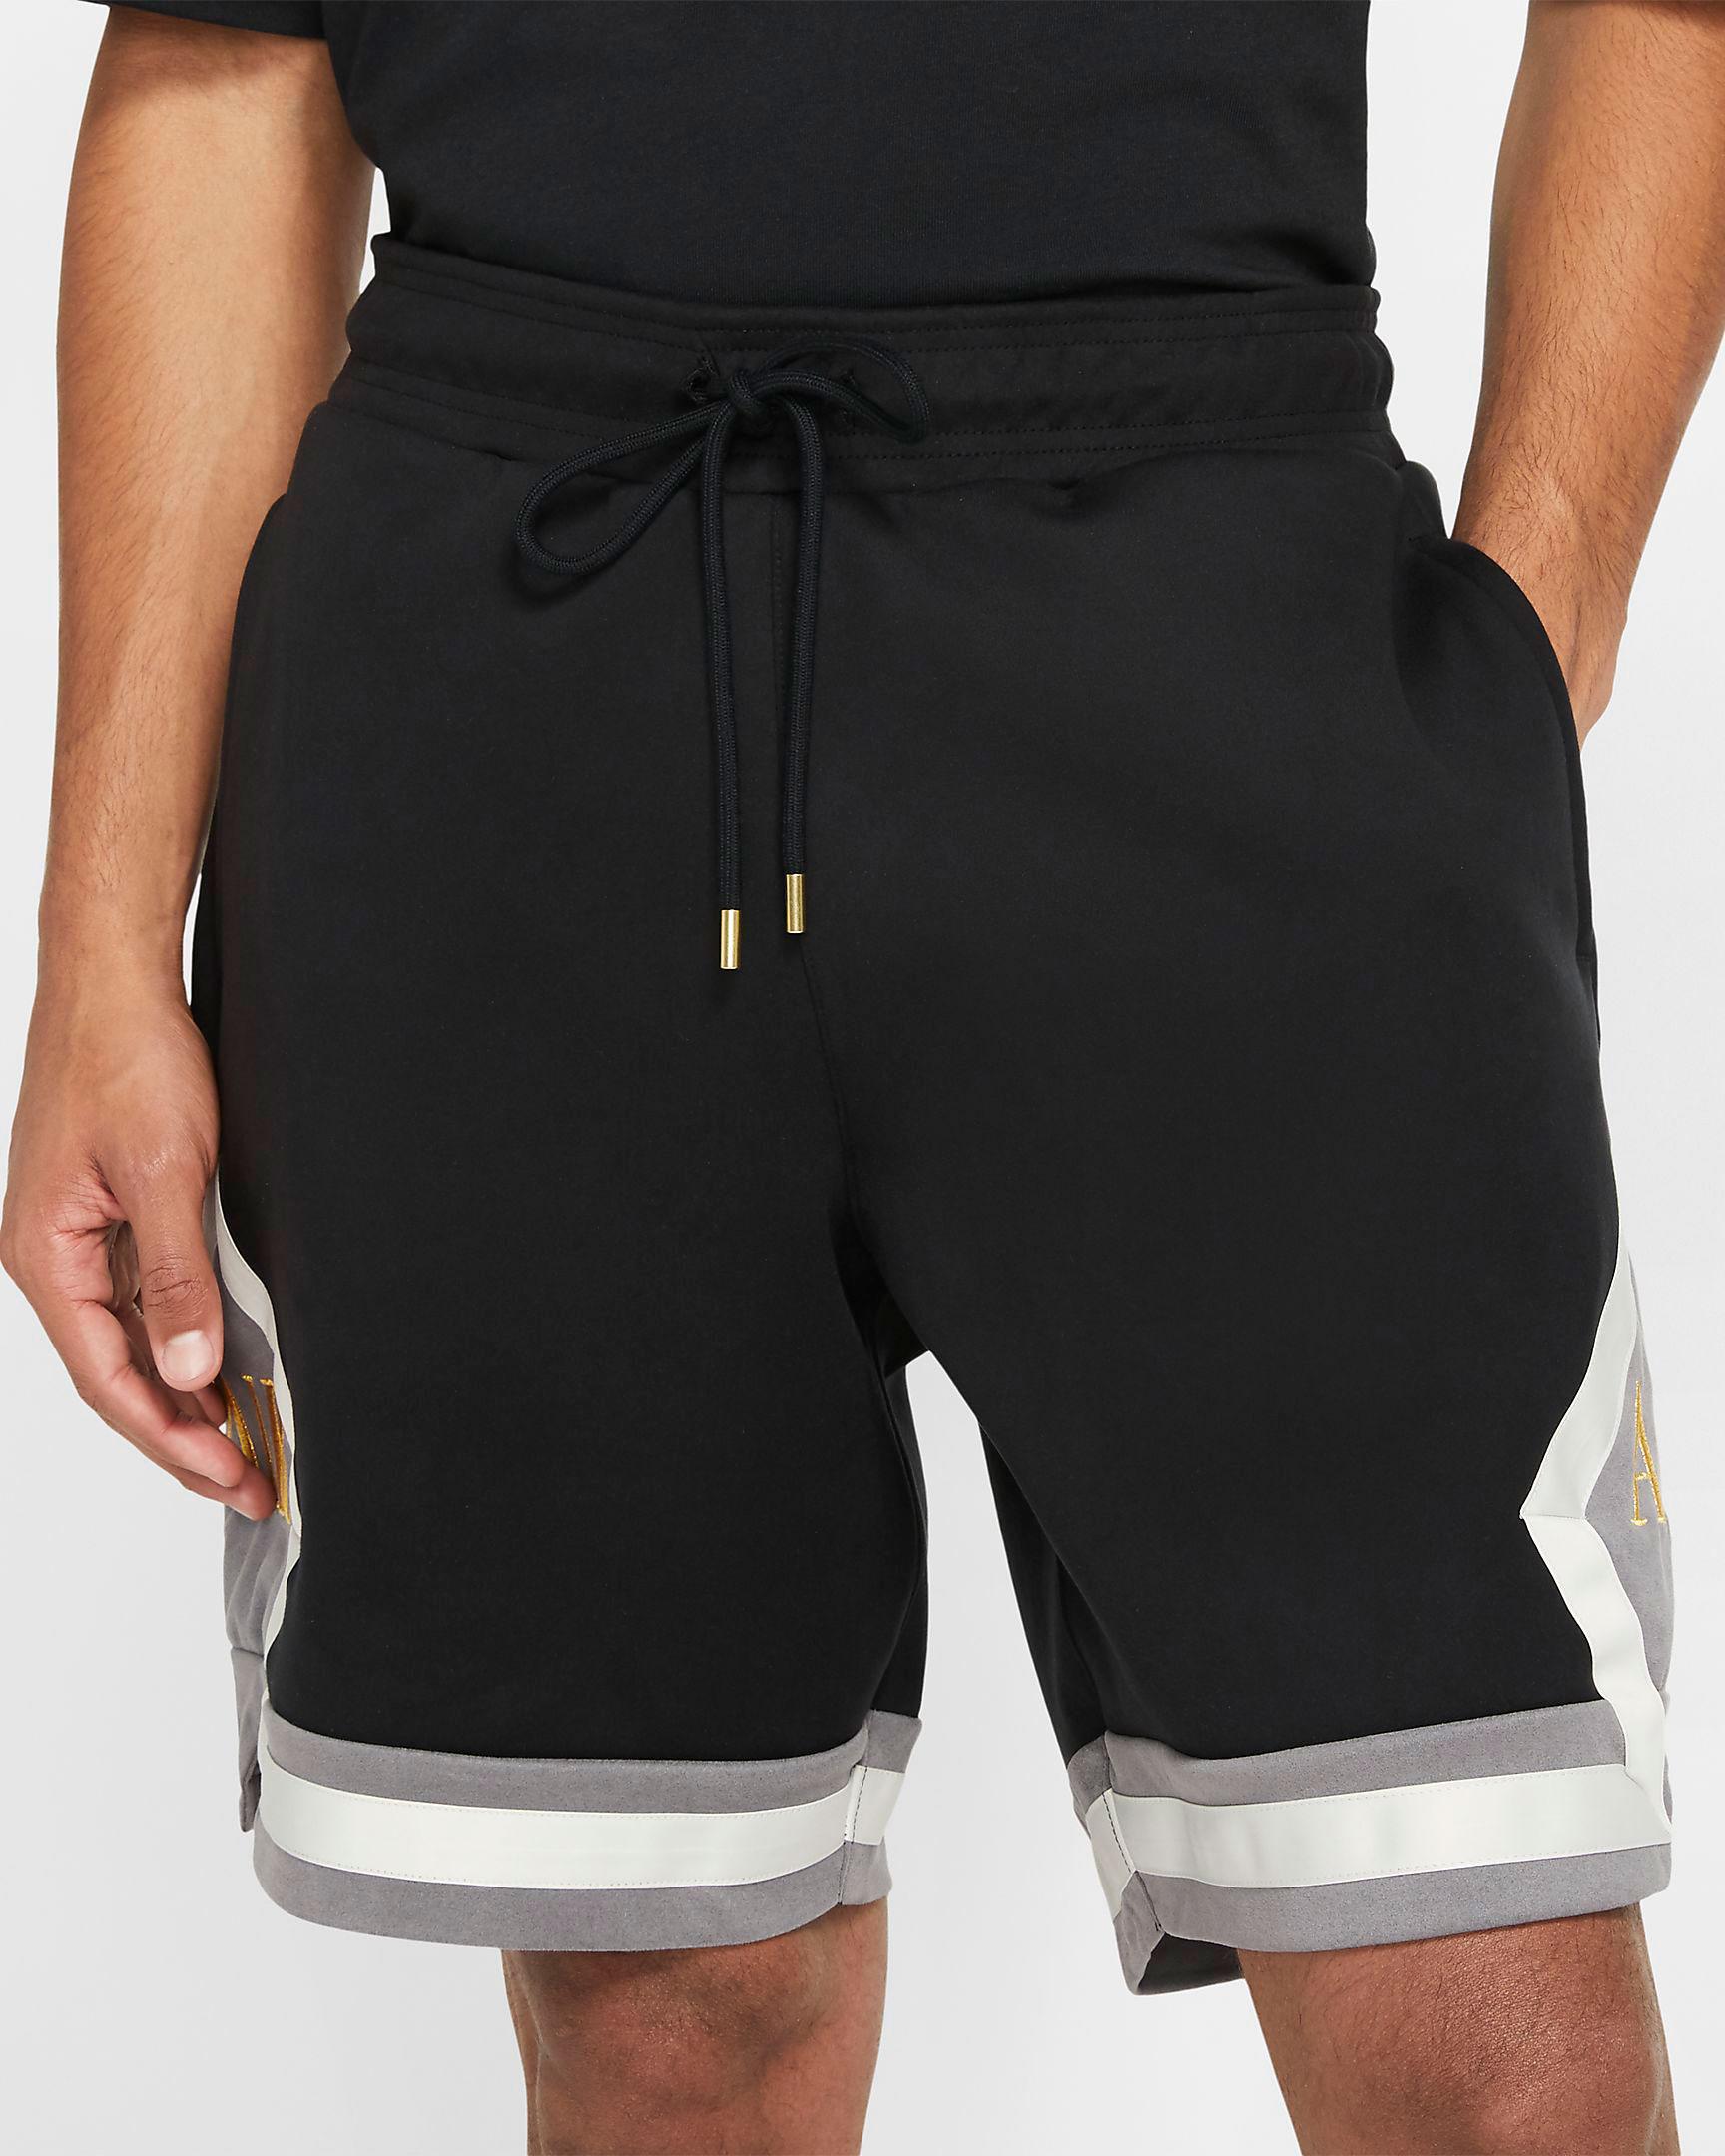 jordan-remastered-diamond-shorts-black-grey-1